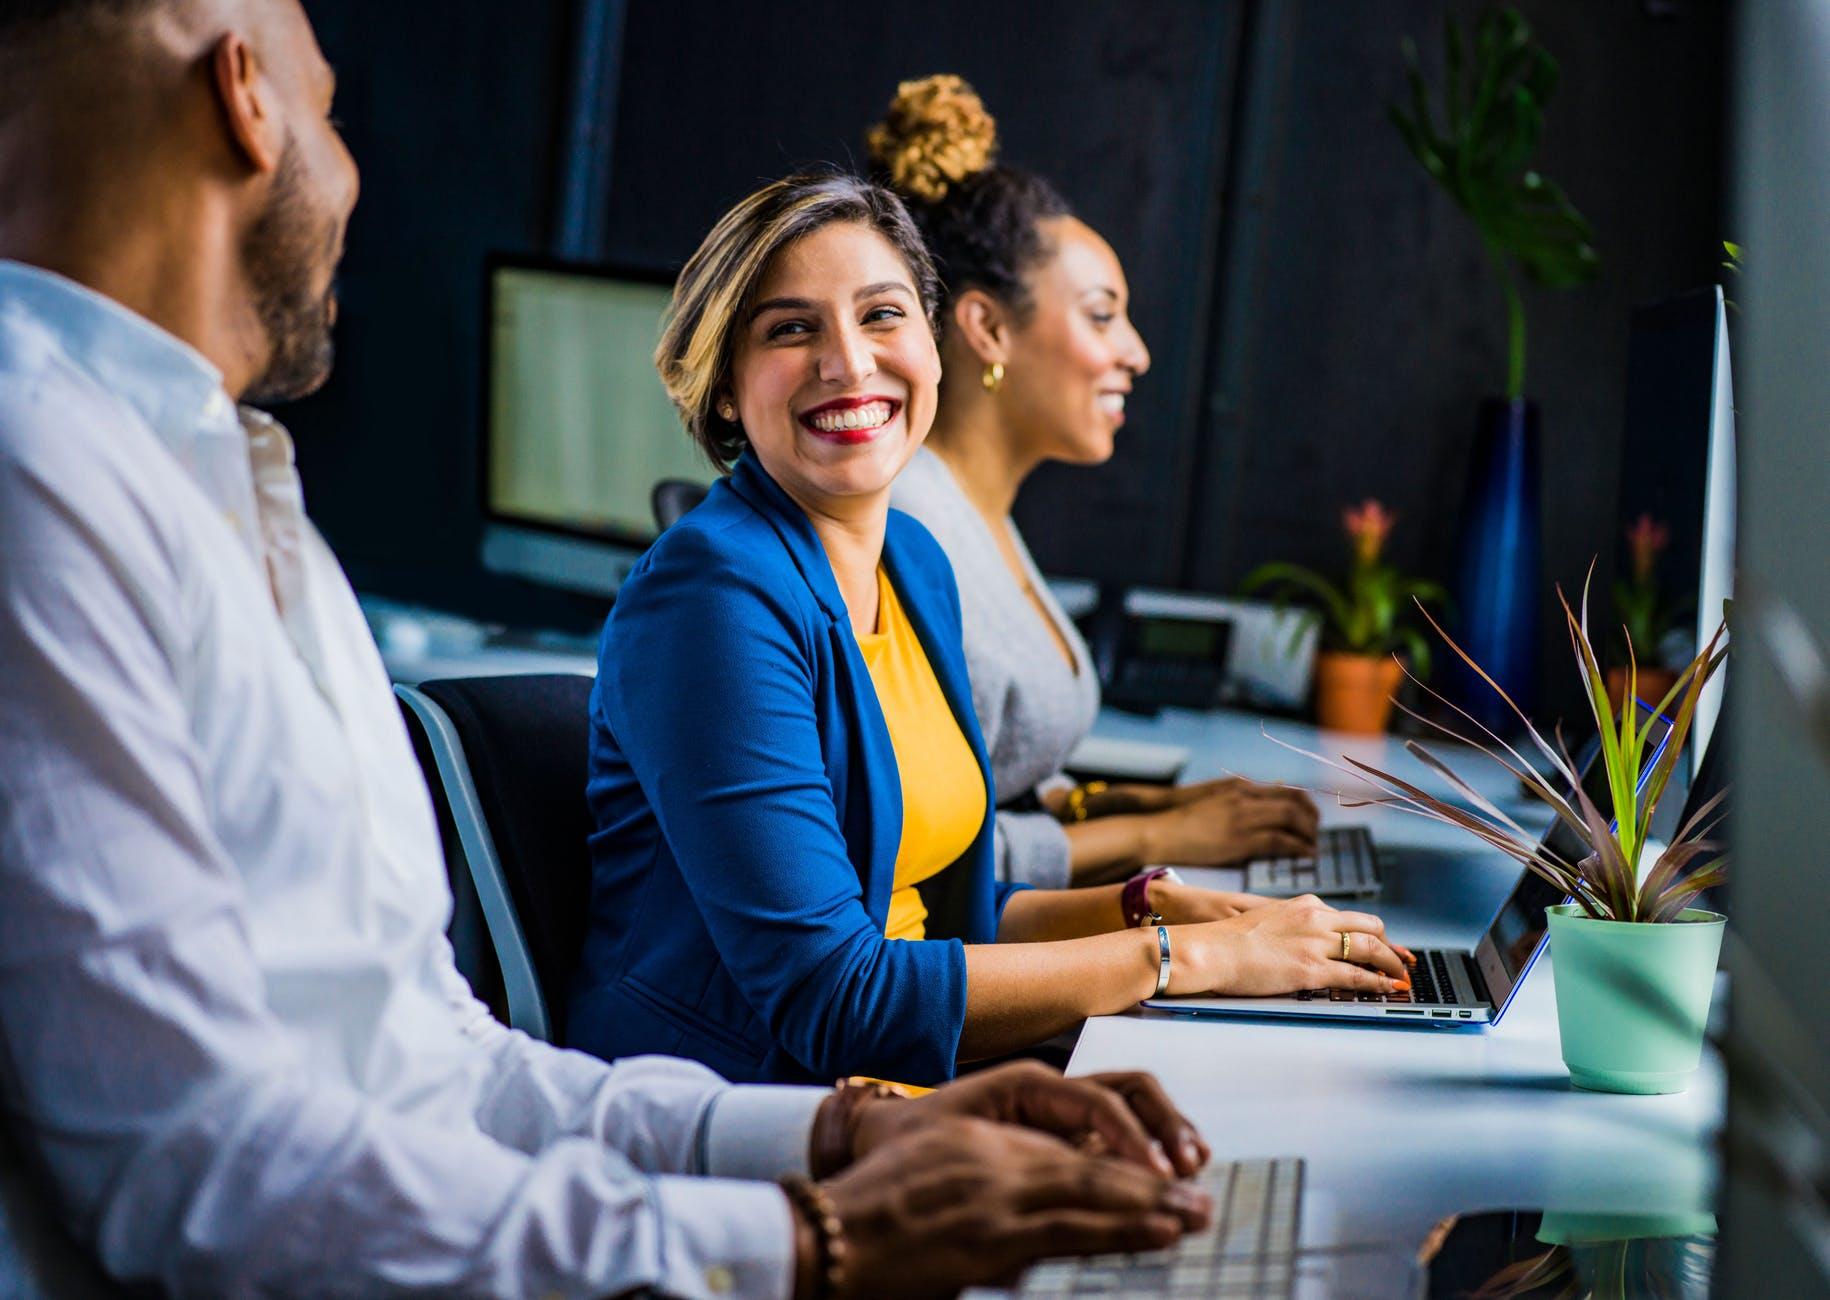 Wujudkan Tujuan dan Perencanaan Bisnis Melalui Proses Bisnis Sinergis